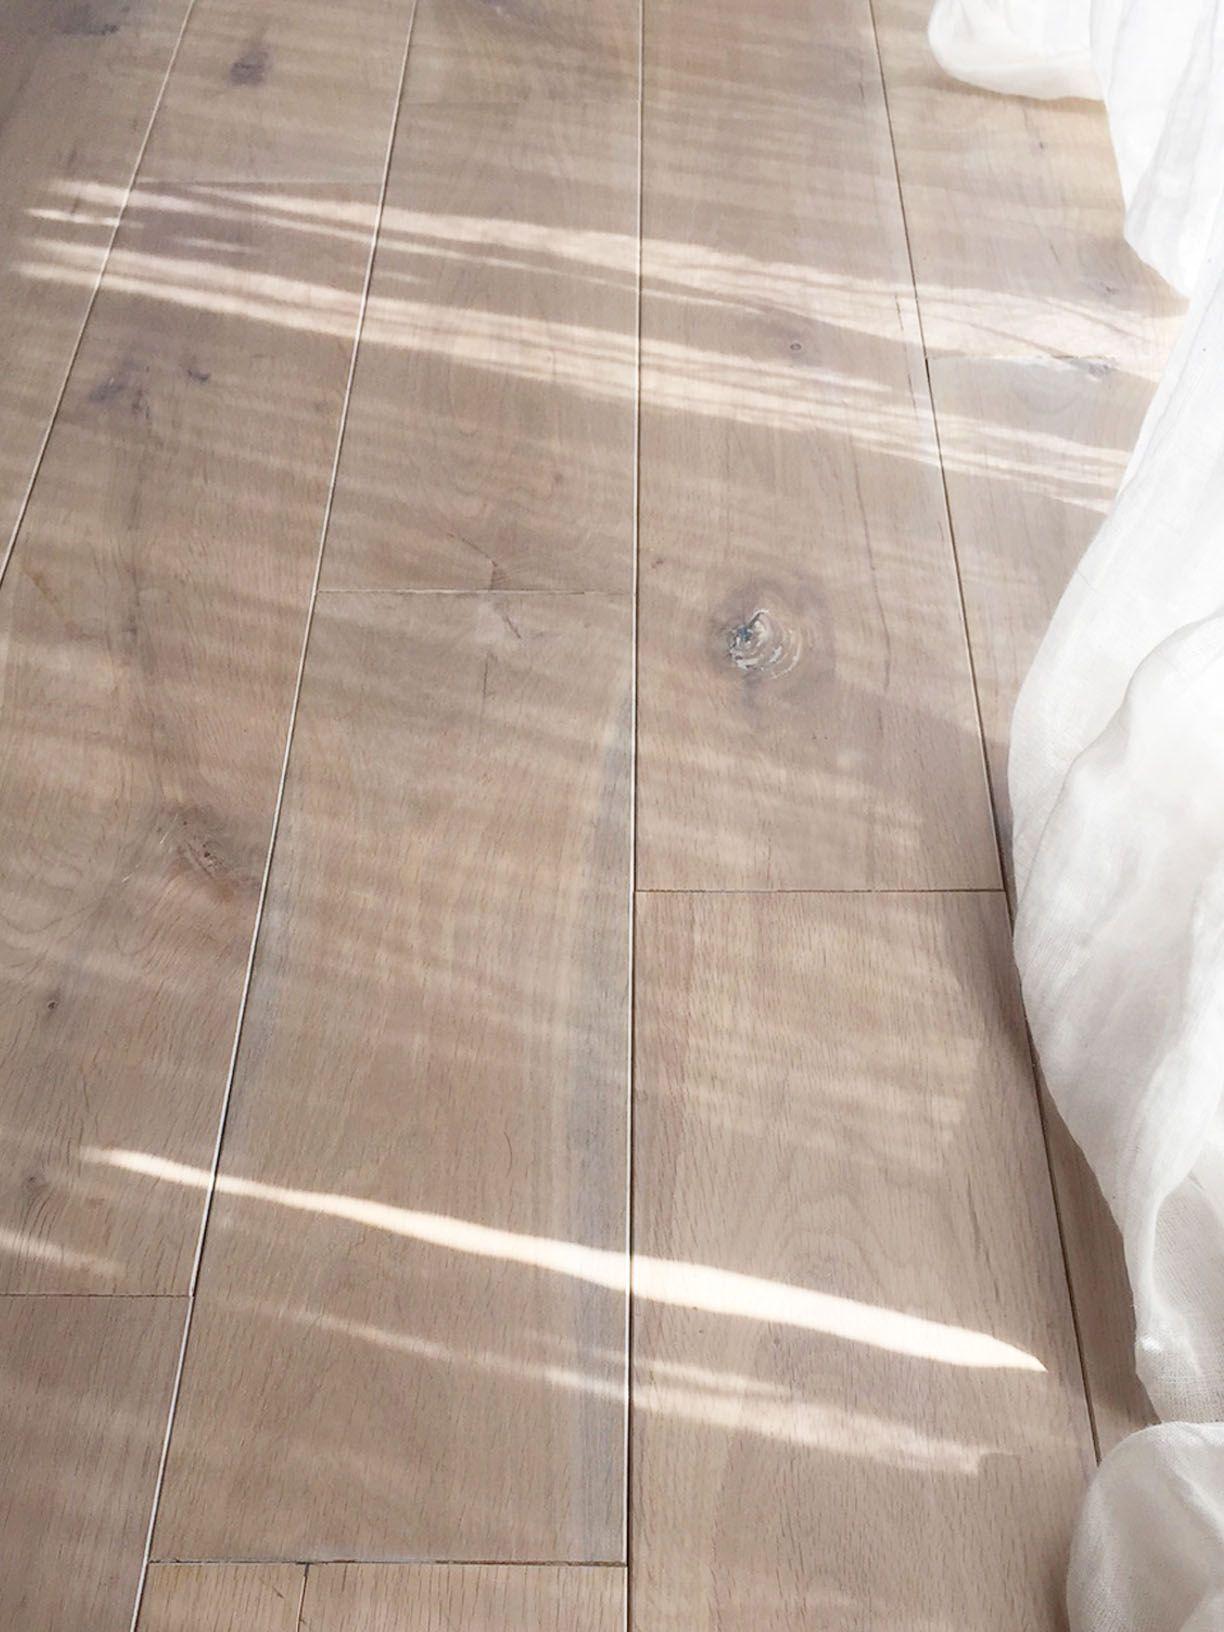 グレーな床材とワックスのこと 画像あり 床材 無垢 リビング 床